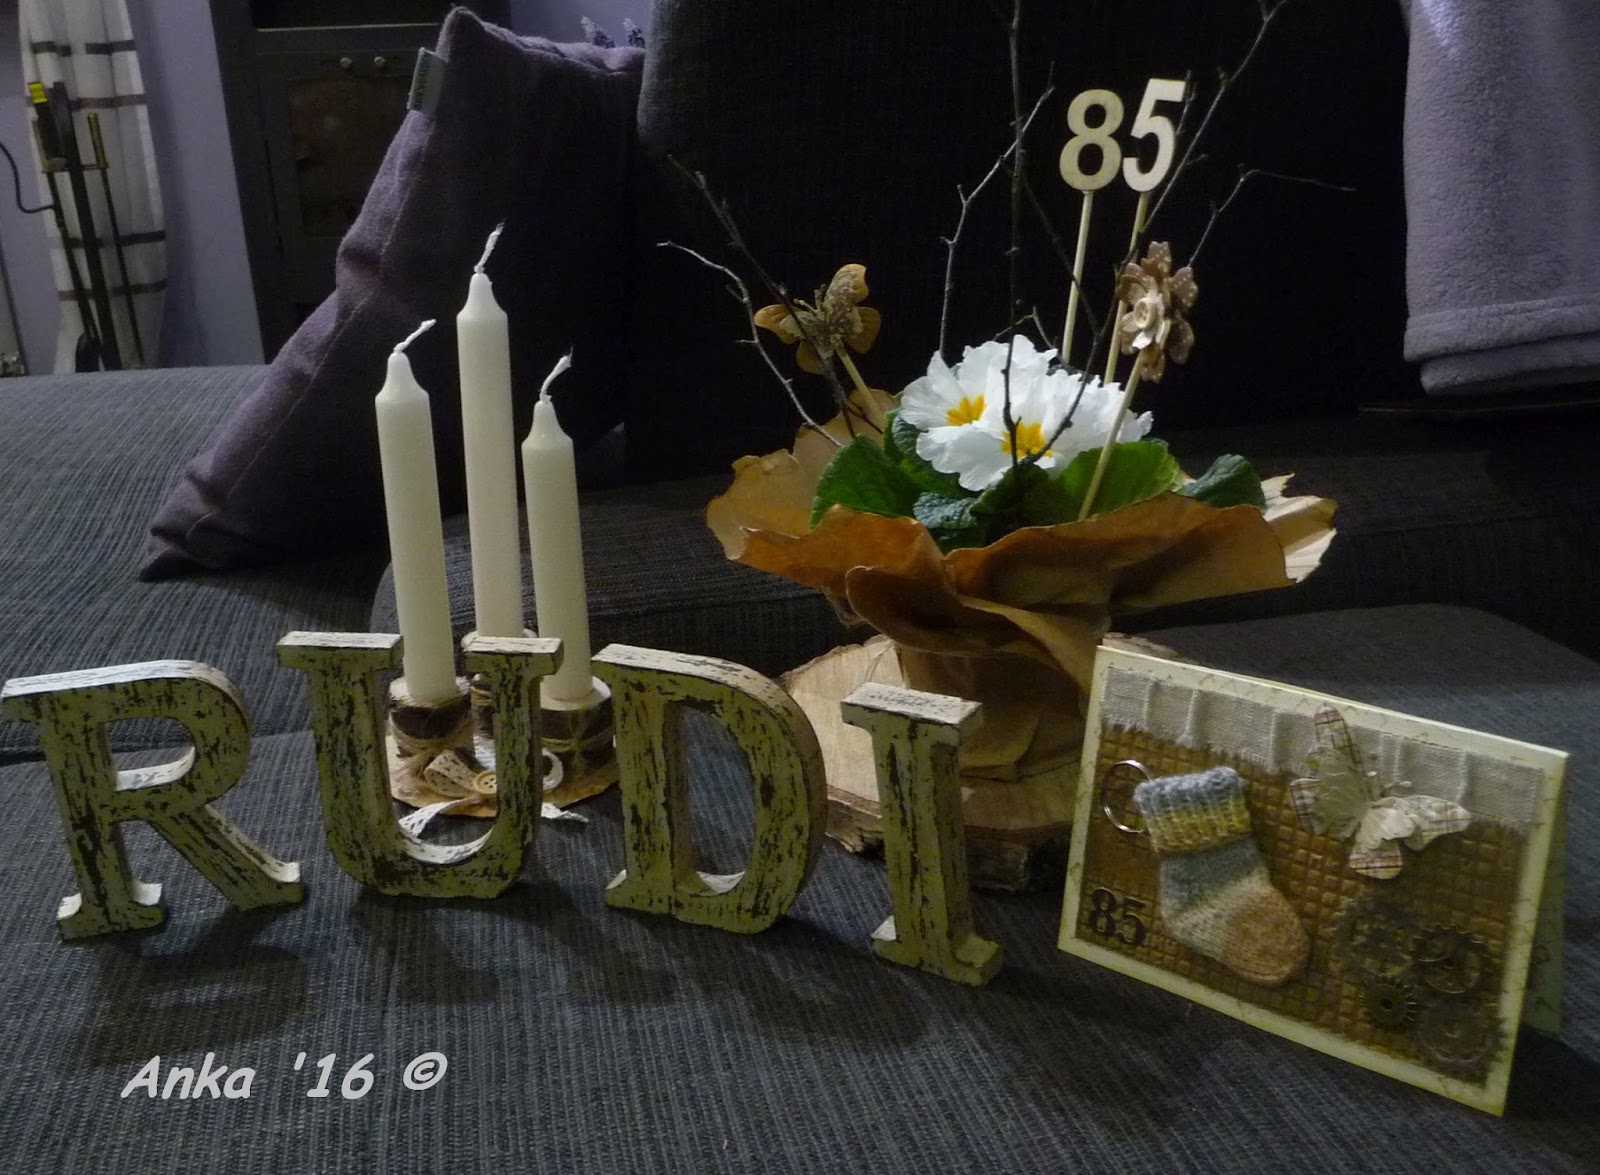 ankas bastelseiten deko f r den 85 geburtstag von meinem. Black Bedroom Furniture Sets. Home Design Ideas